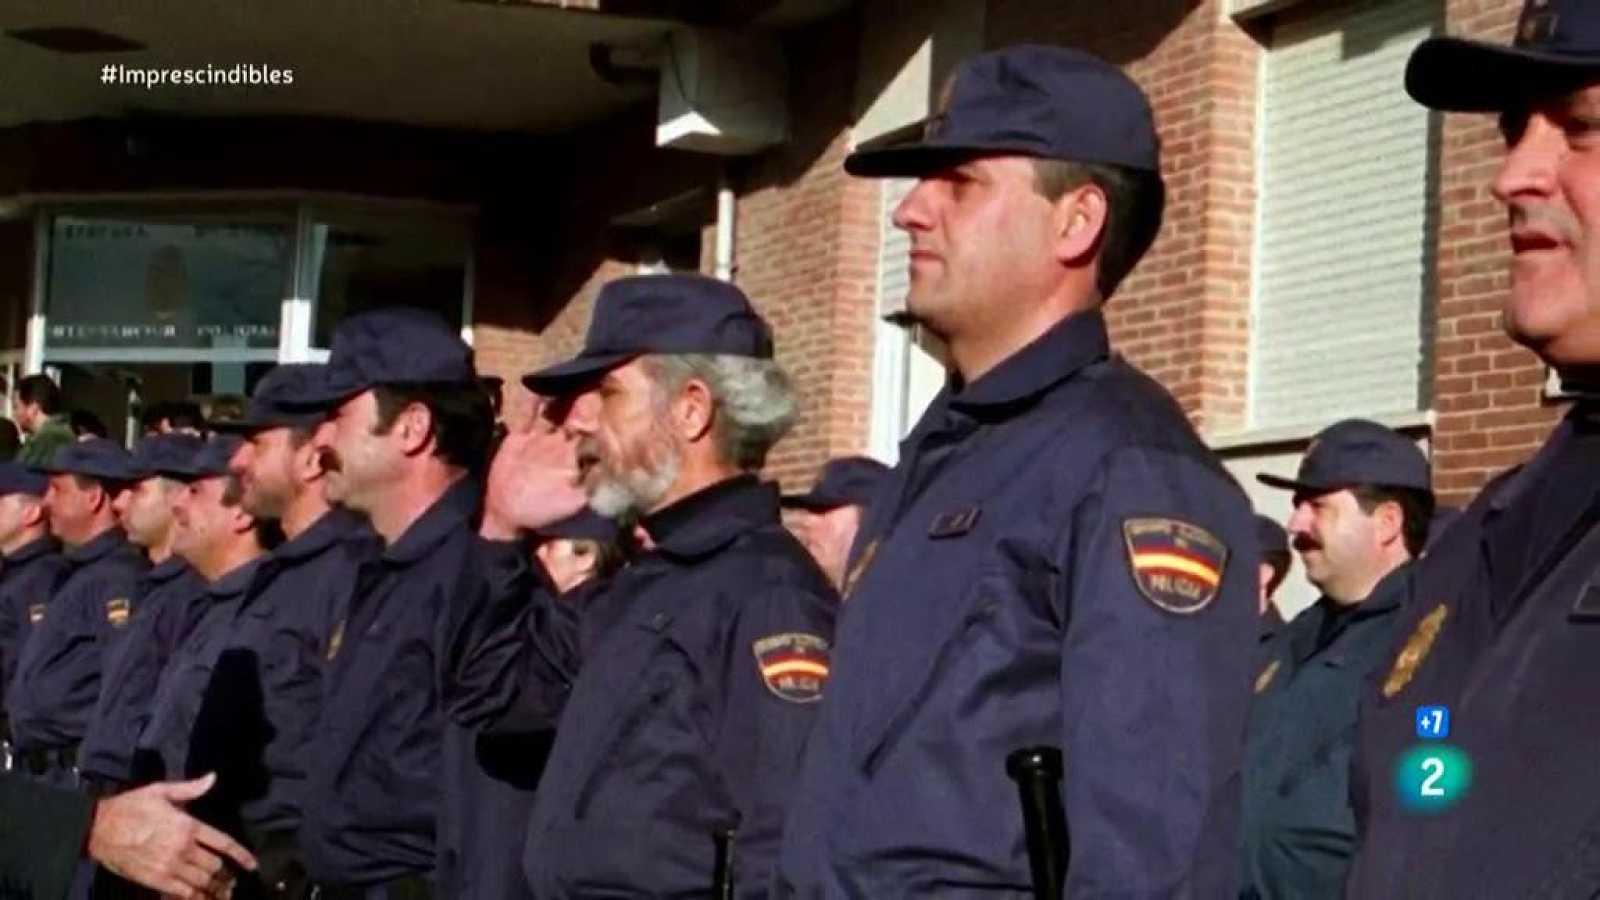 Imprescindibles - Cruz Novillo cambió a azul el uniforme de la Policia